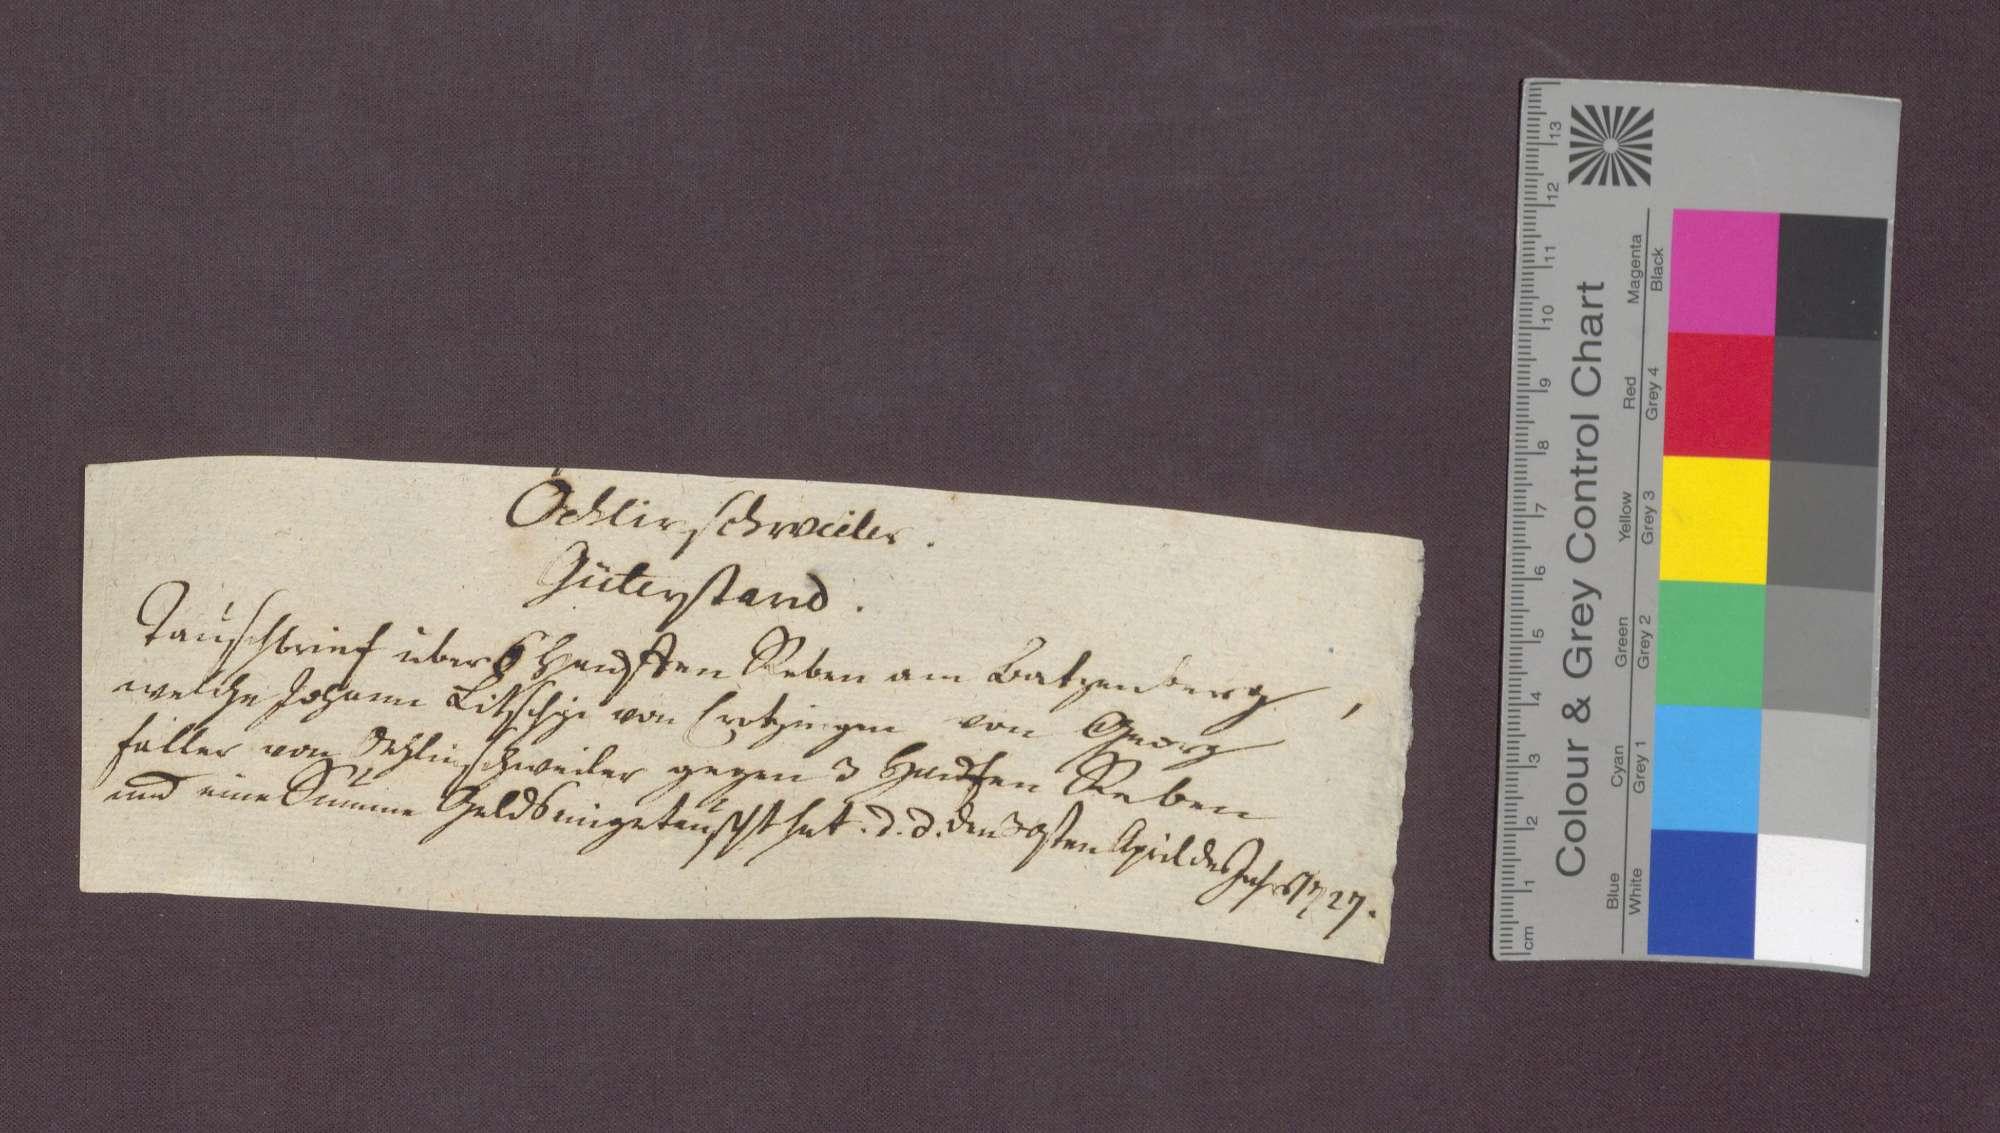 Gütertausch zwischen Jörg Faller von Öhlinsweiler und Johann Litschgi von Krozingen., Bild 1